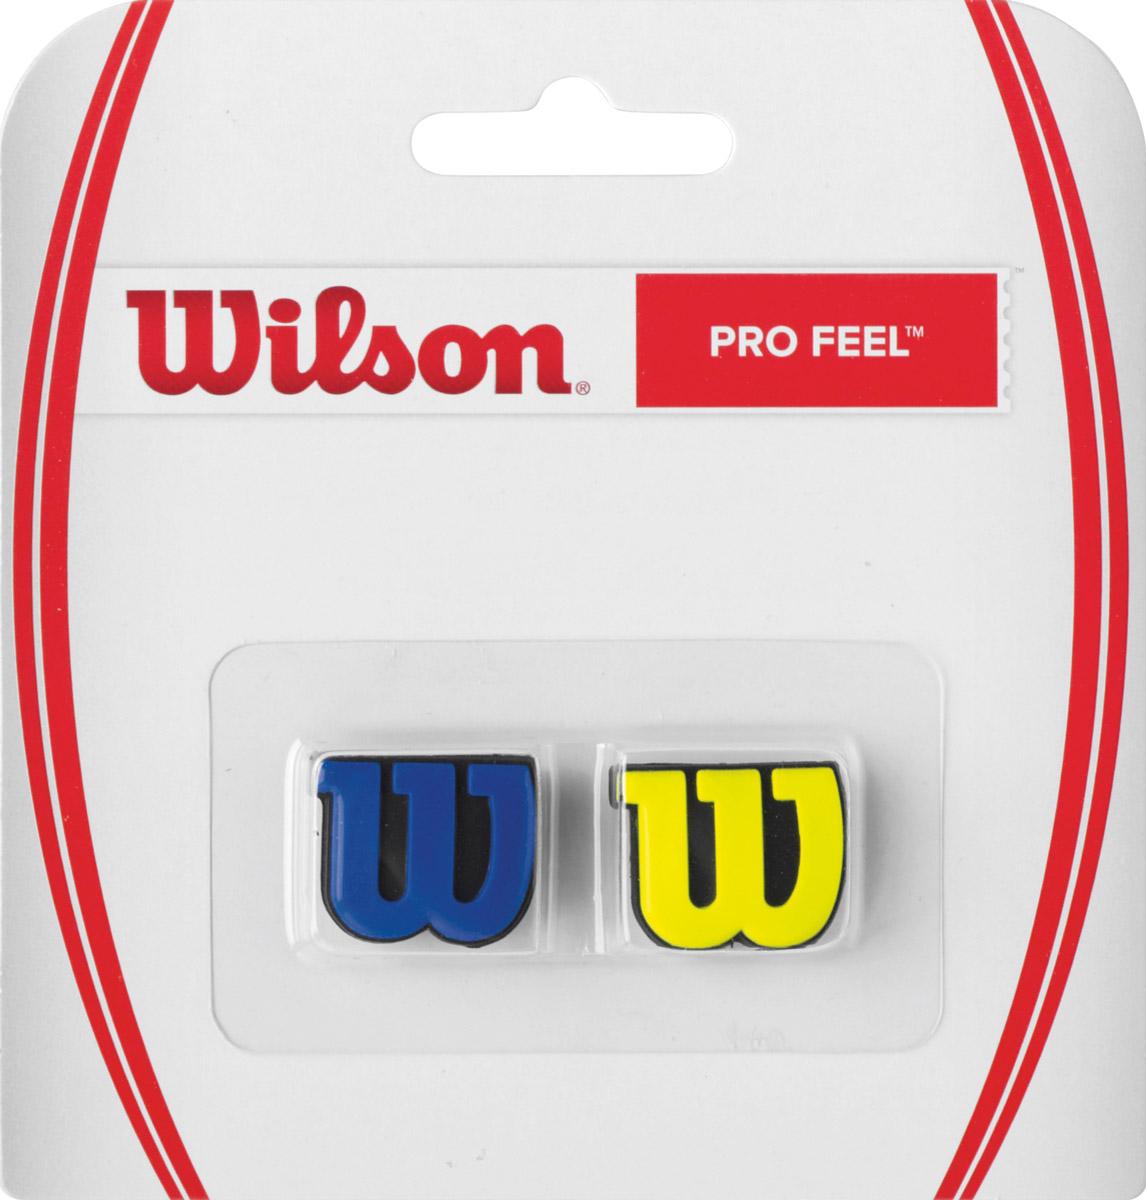 Виброгаситель Wilson Profeel BlyeWRZ537700Классика Wilson. Виброгаситель в форме основного символа бренда W, обеспечивает комфорт и обладает минимальным весом.